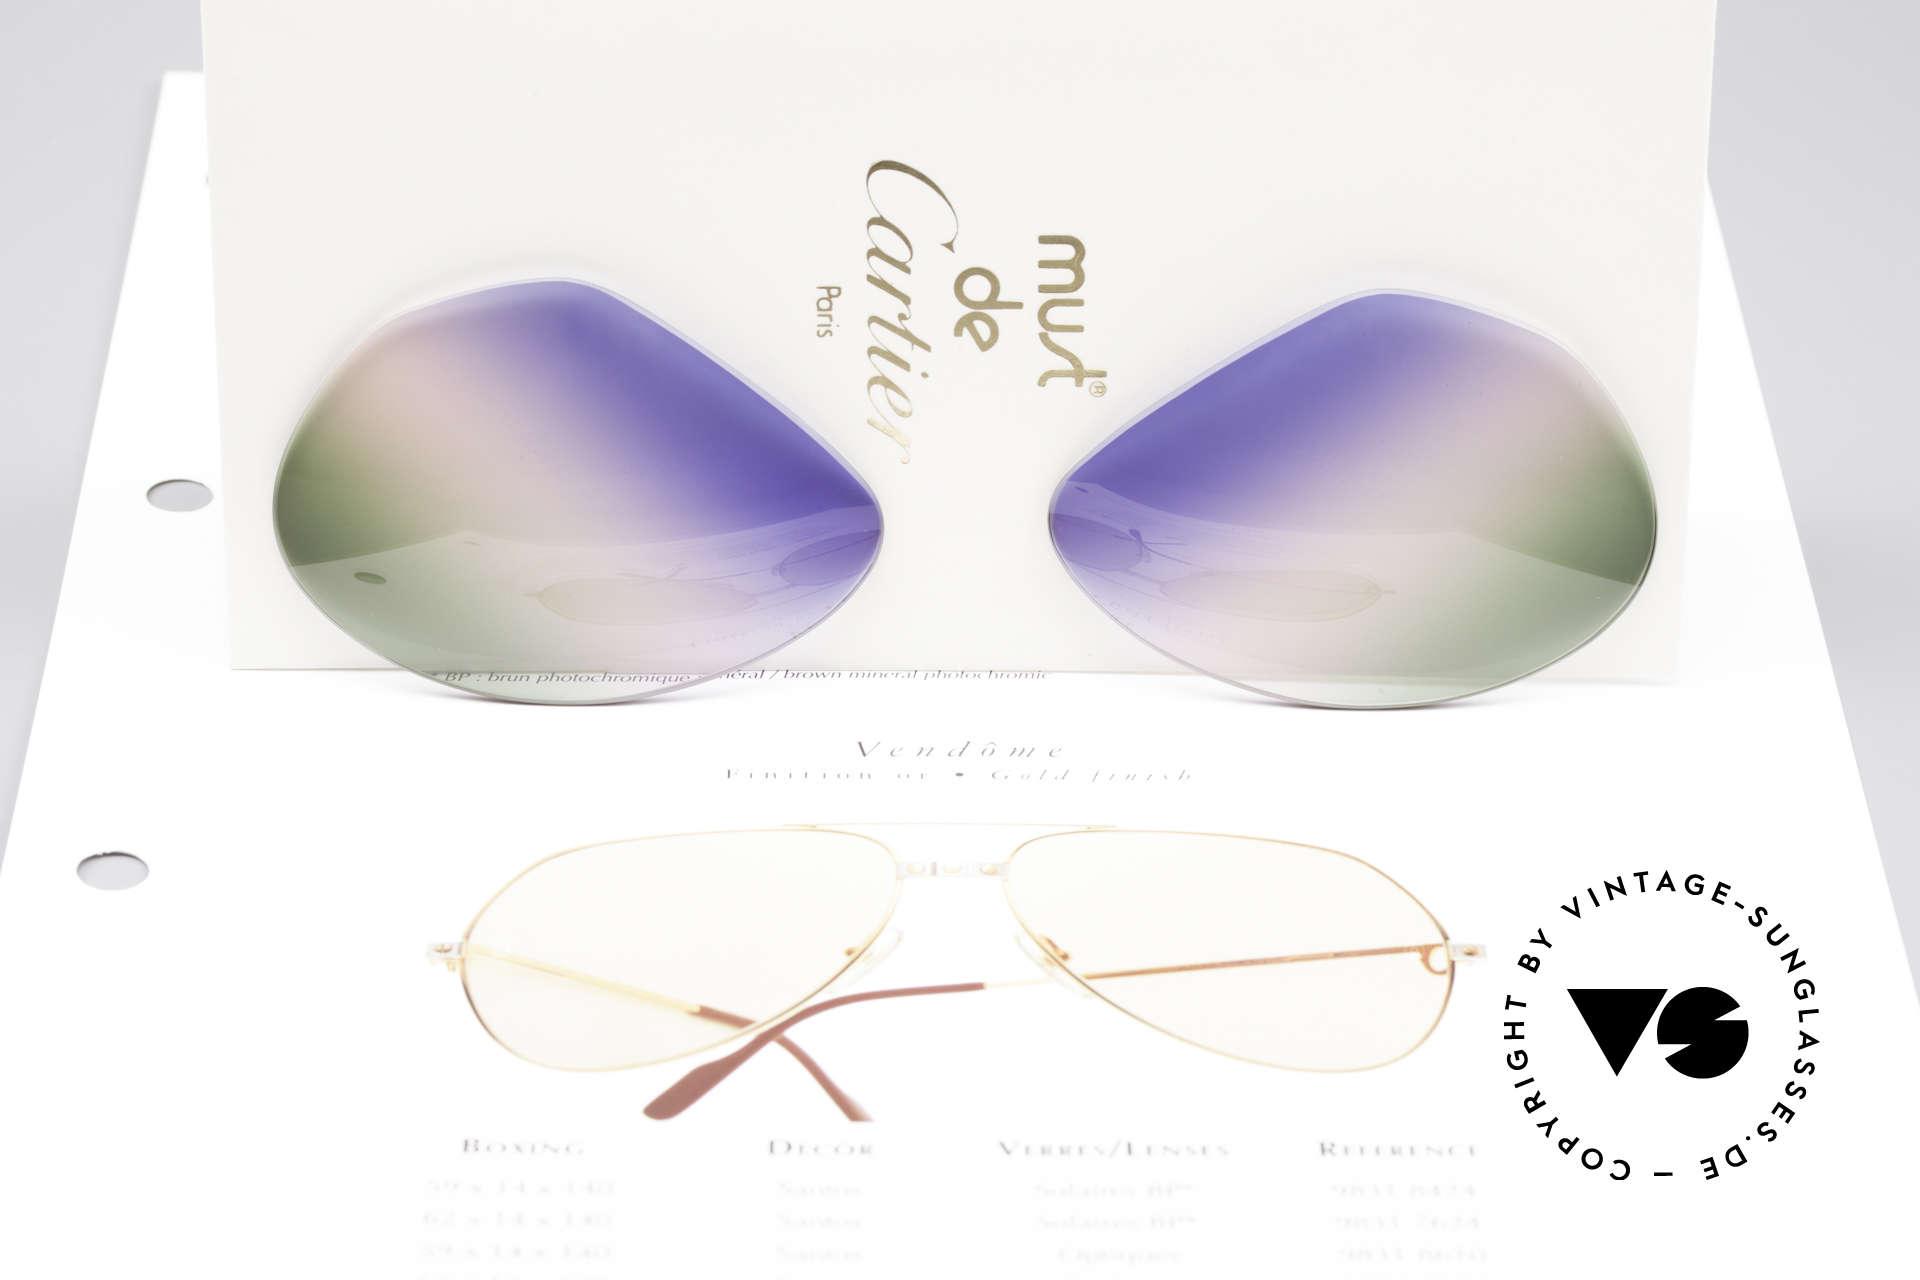 Cartier Vendome Lenses - L Tricolored Horizon Gläser, Dreifach-Farbverlauf wie ein morgendlicher Horizont, Passend für Herren und Damen